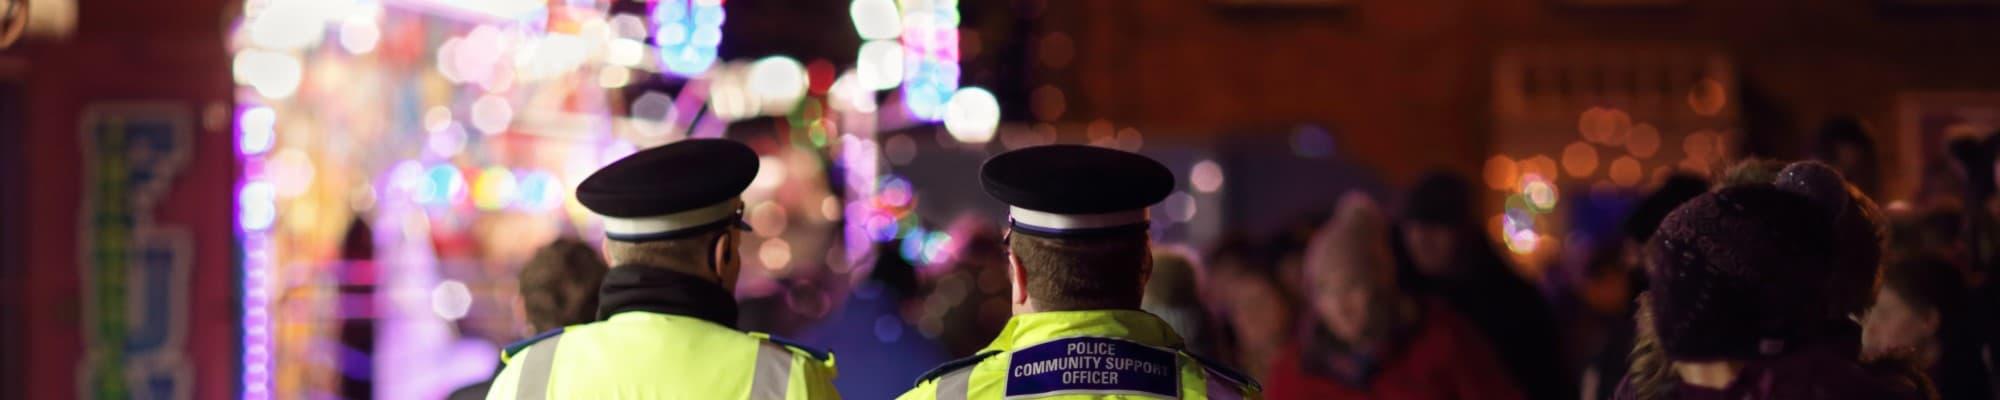 Police on patrol at a fun fair